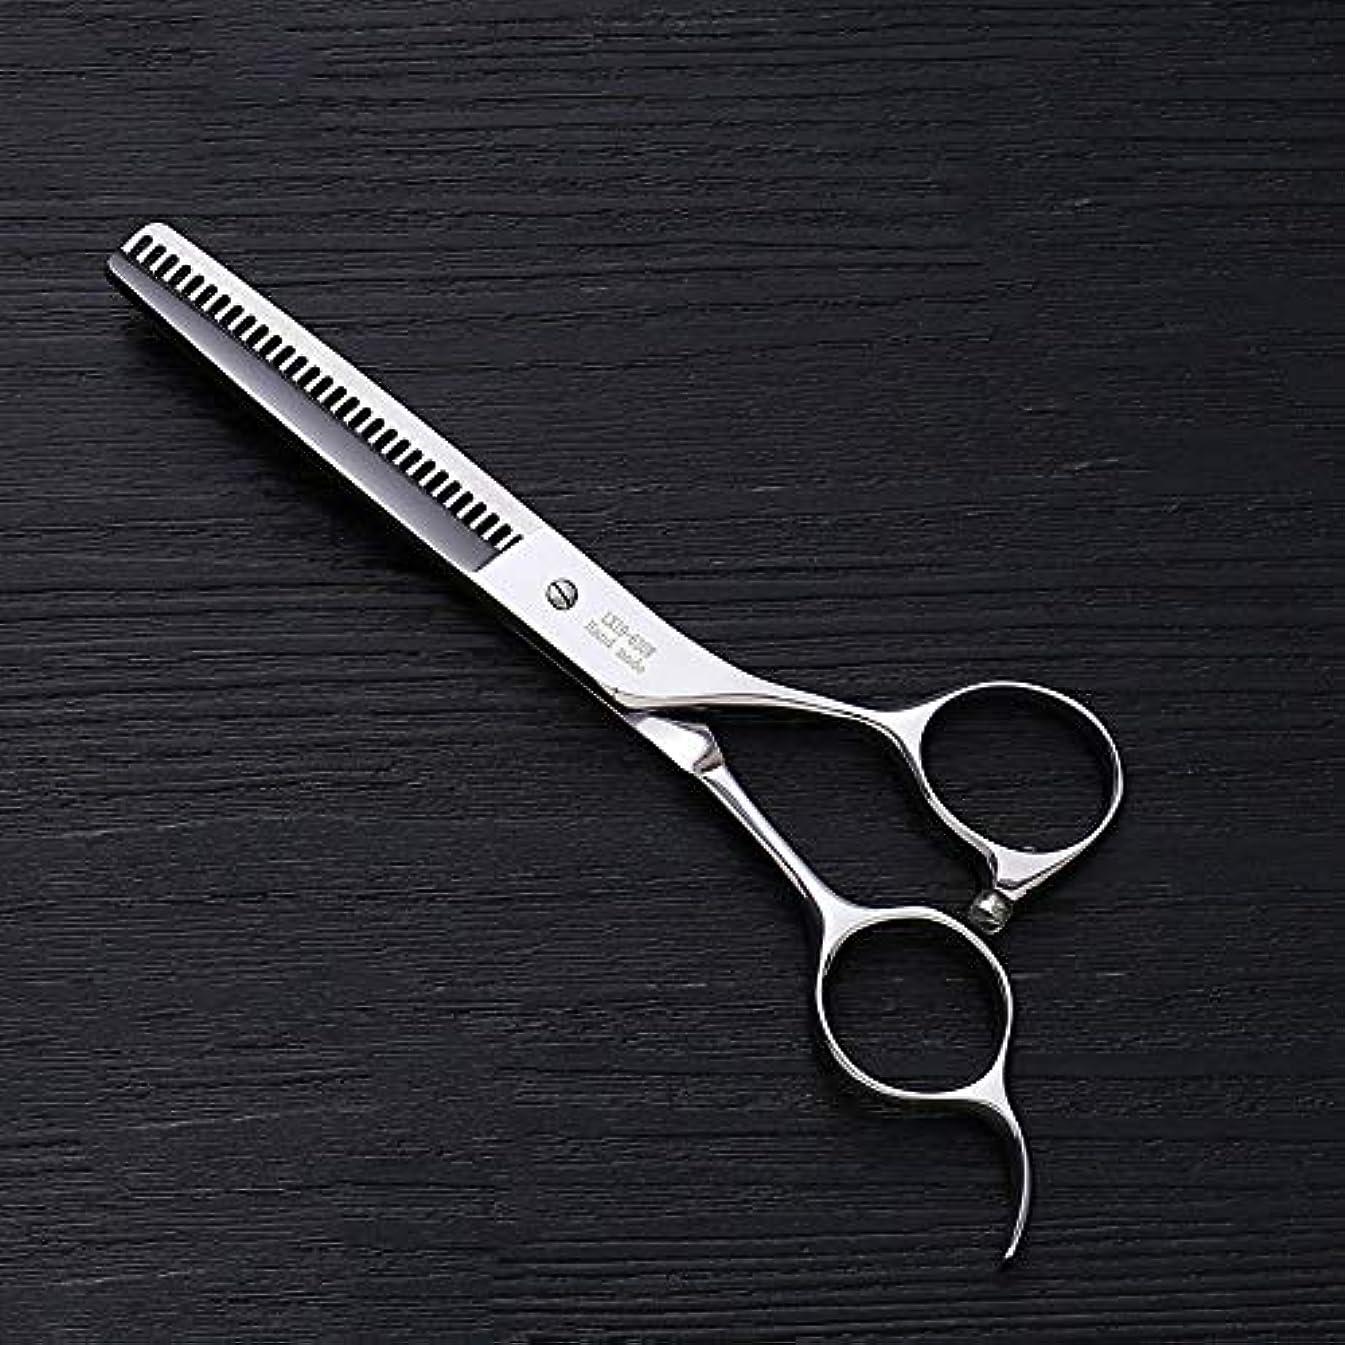 吐く儀式致命的な6.0インチプロフェッショナルアントラー歯ステンレス鋼の歯はさみ理髪はさみヘアスタイリスト特別な理髪はさみ ヘアケア (色 : Silver)